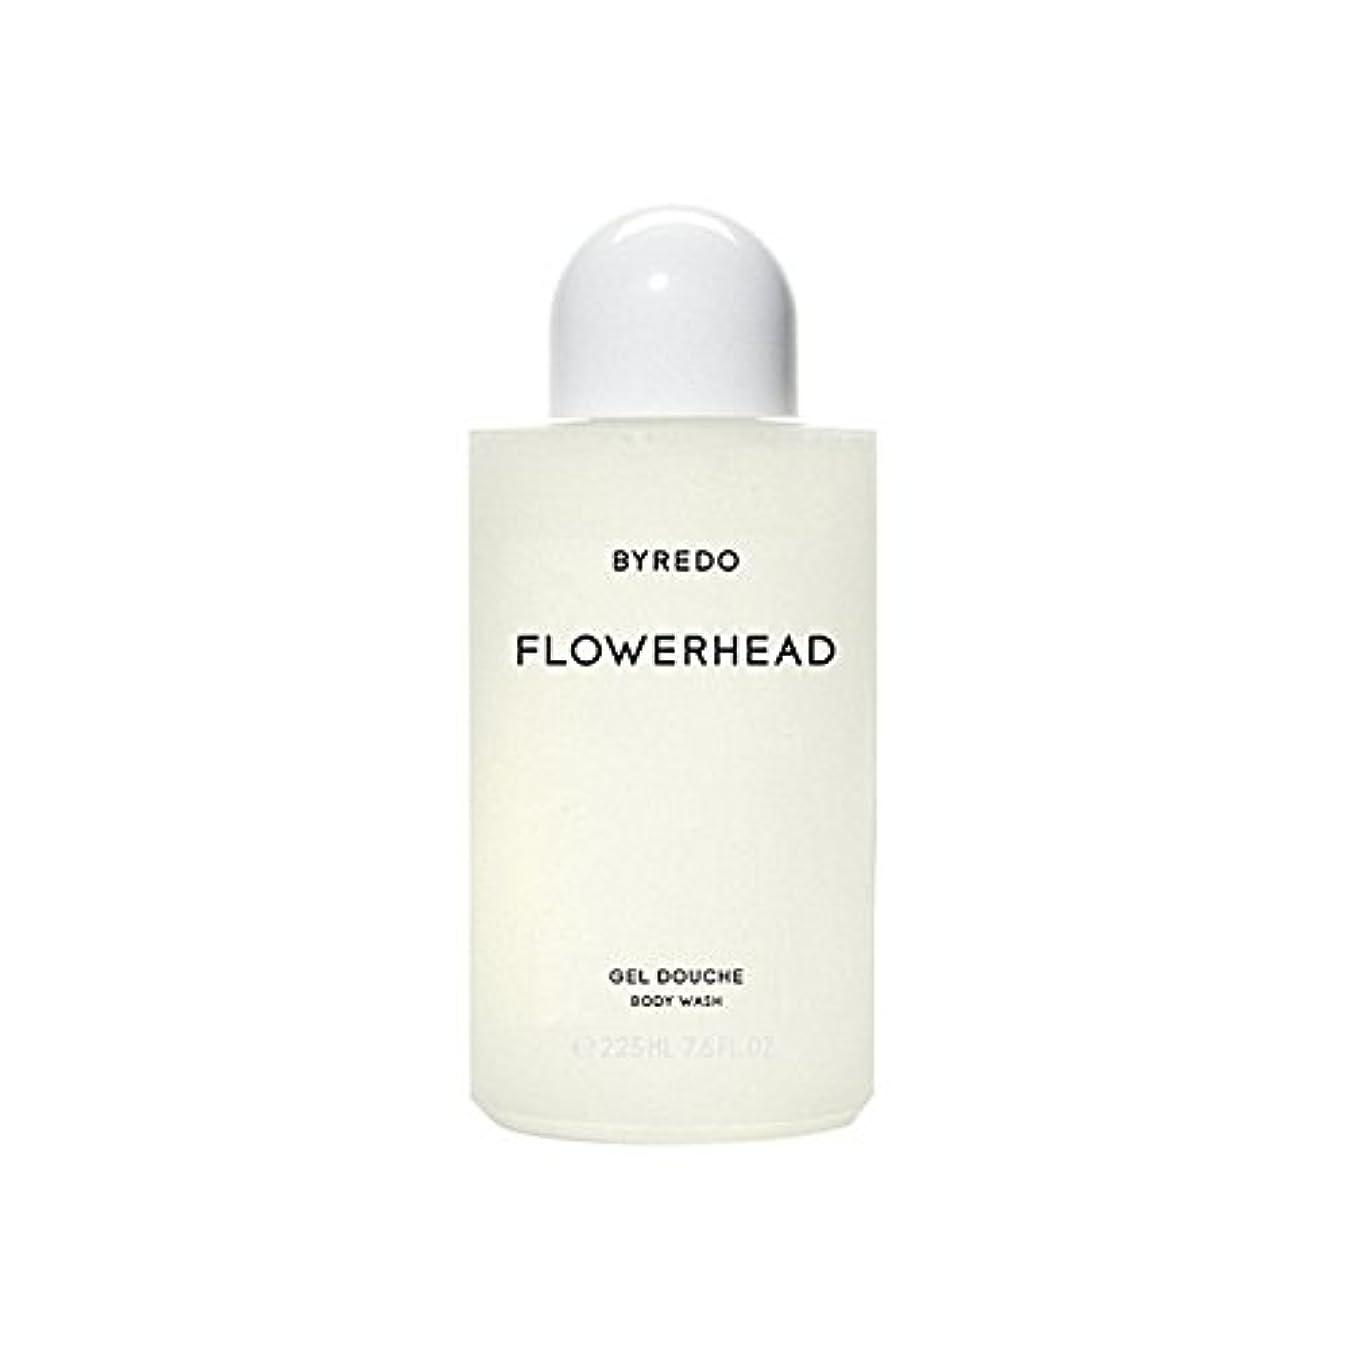 太鼓腹エピソード興味ボディウォッシュ225ミリリットル x4 - Byredo Flowerhead Body Wash 225ml (Pack of 4) [並行輸入品]